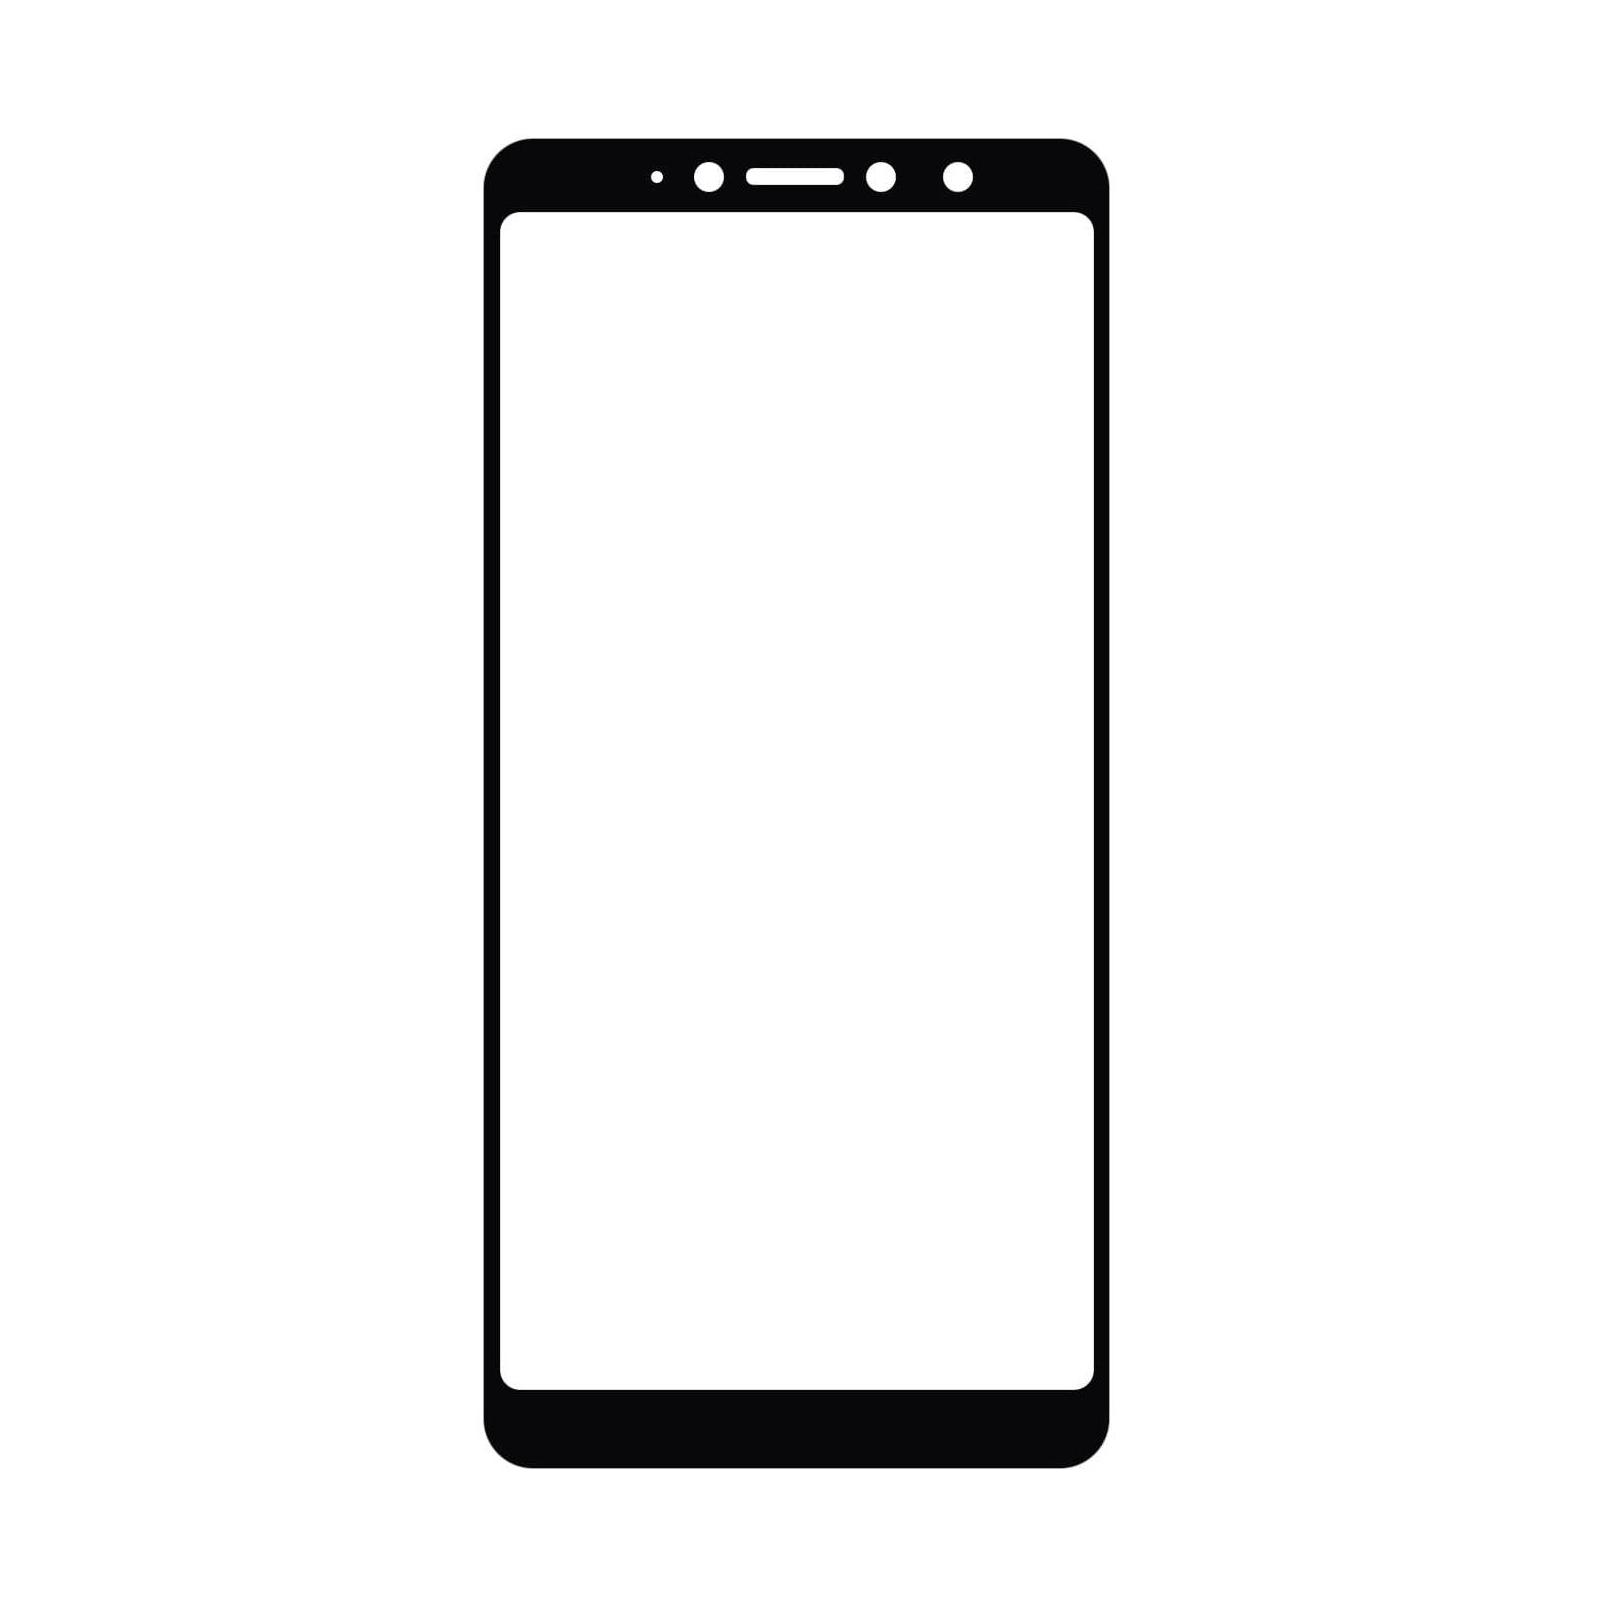 Стекло защитное MakeFuture для Xiaomi Redmi S2 Black Full Cover Full Glue (MGFC-XRS2B) изображение 2